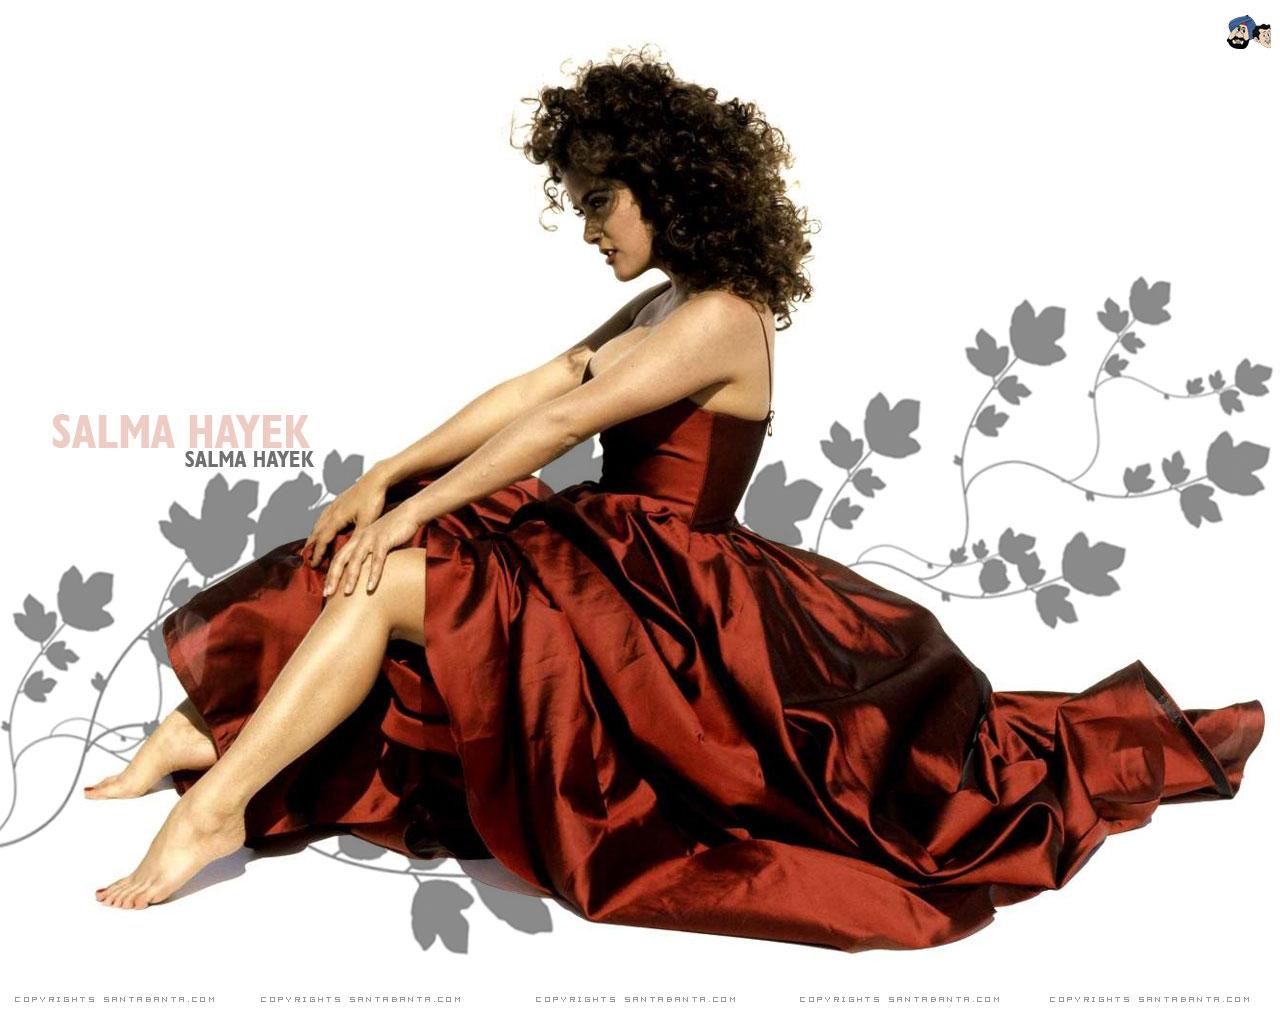 Картинка Сальма Хайек Знаменитости Salma Hayek